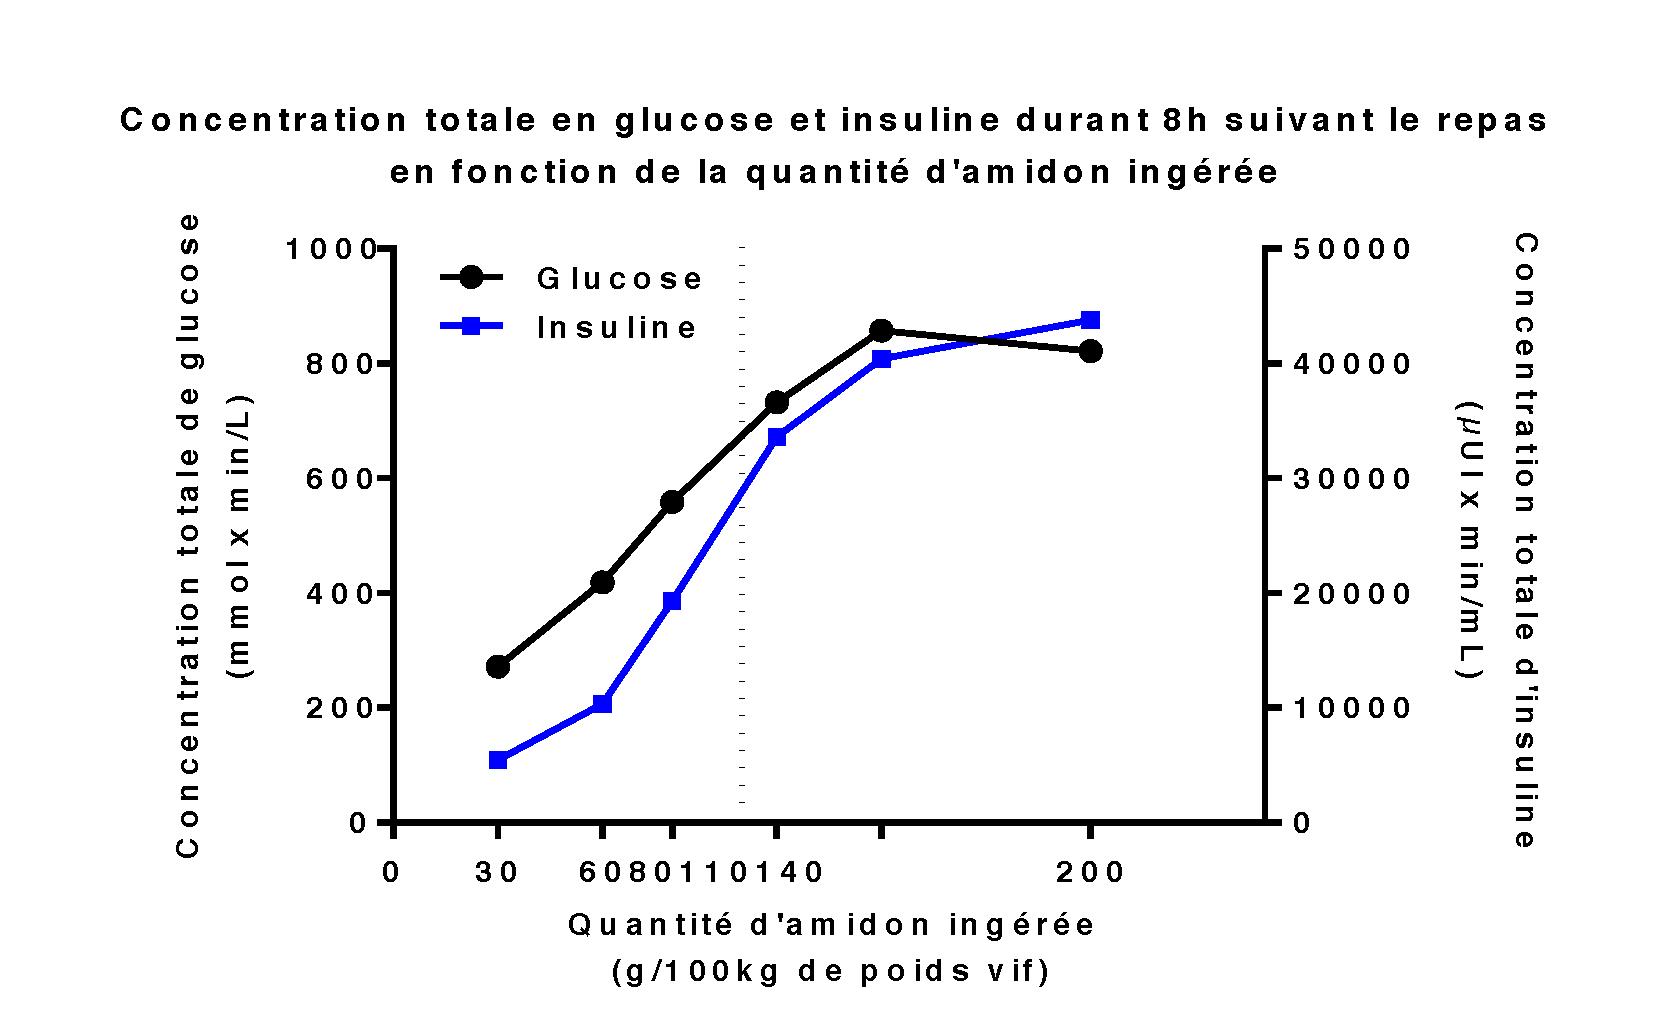 La concentration sanguine en glucose et en insuline augmente avec la quantité d'amidon distribuée